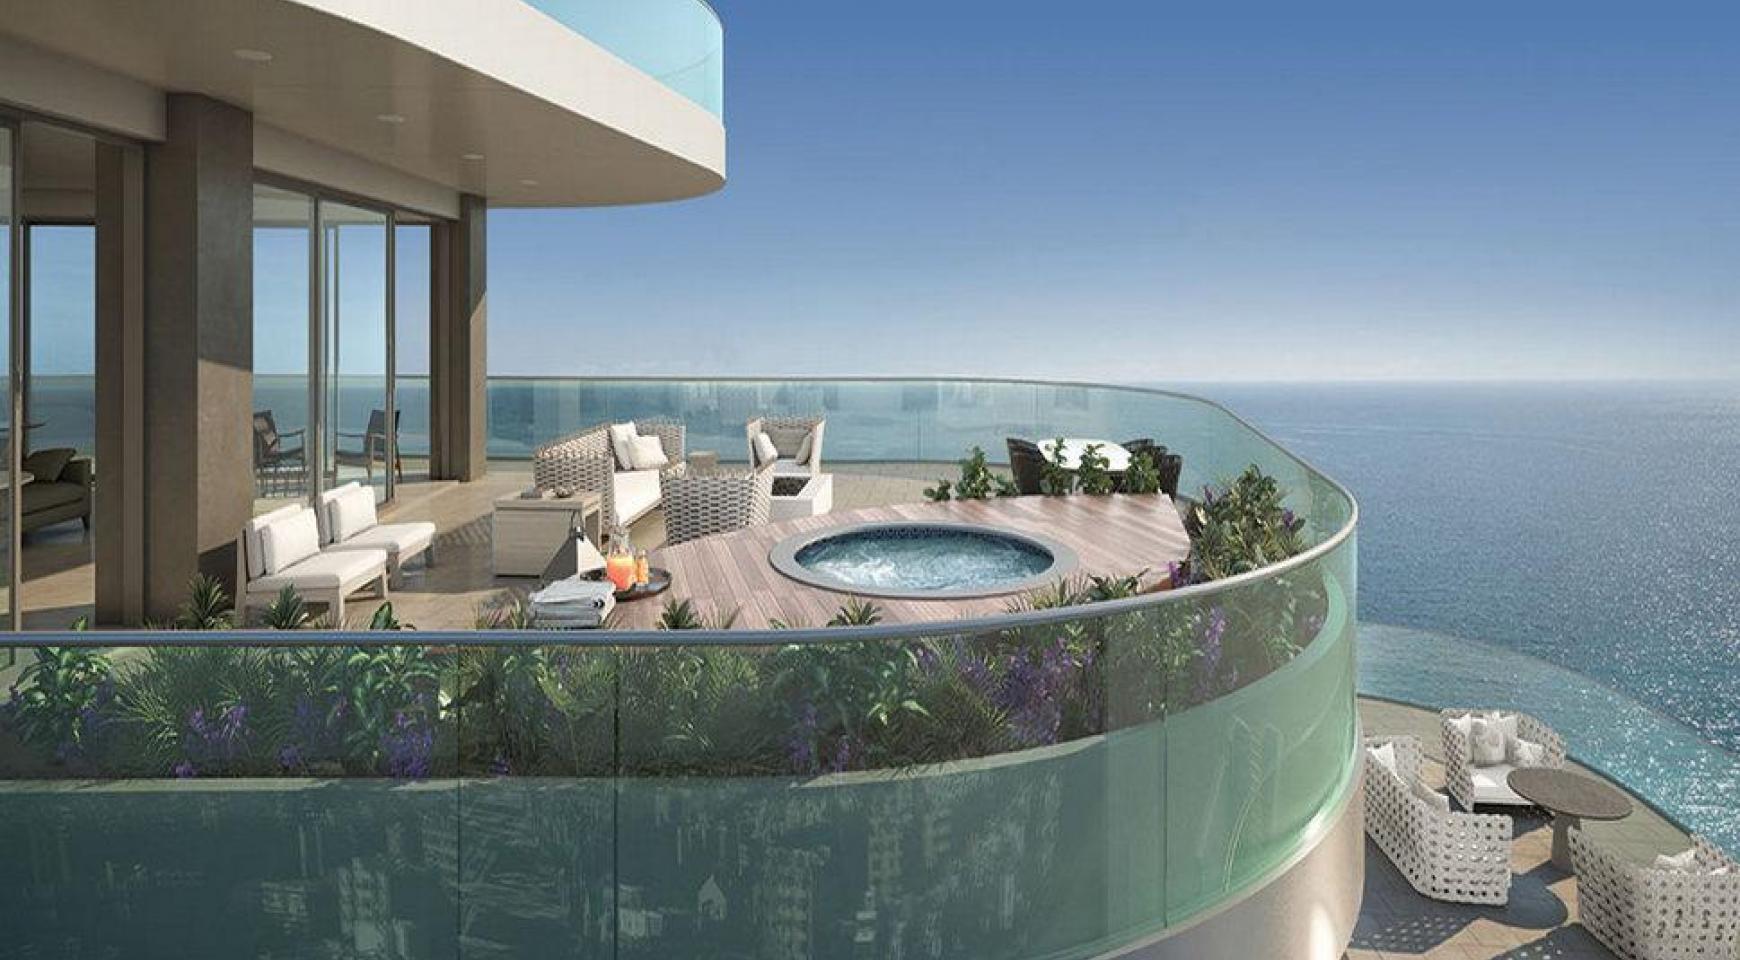 4-Спальная Квартира Класса Люкс в Эксклюзивном Проекте у Моря  - 3